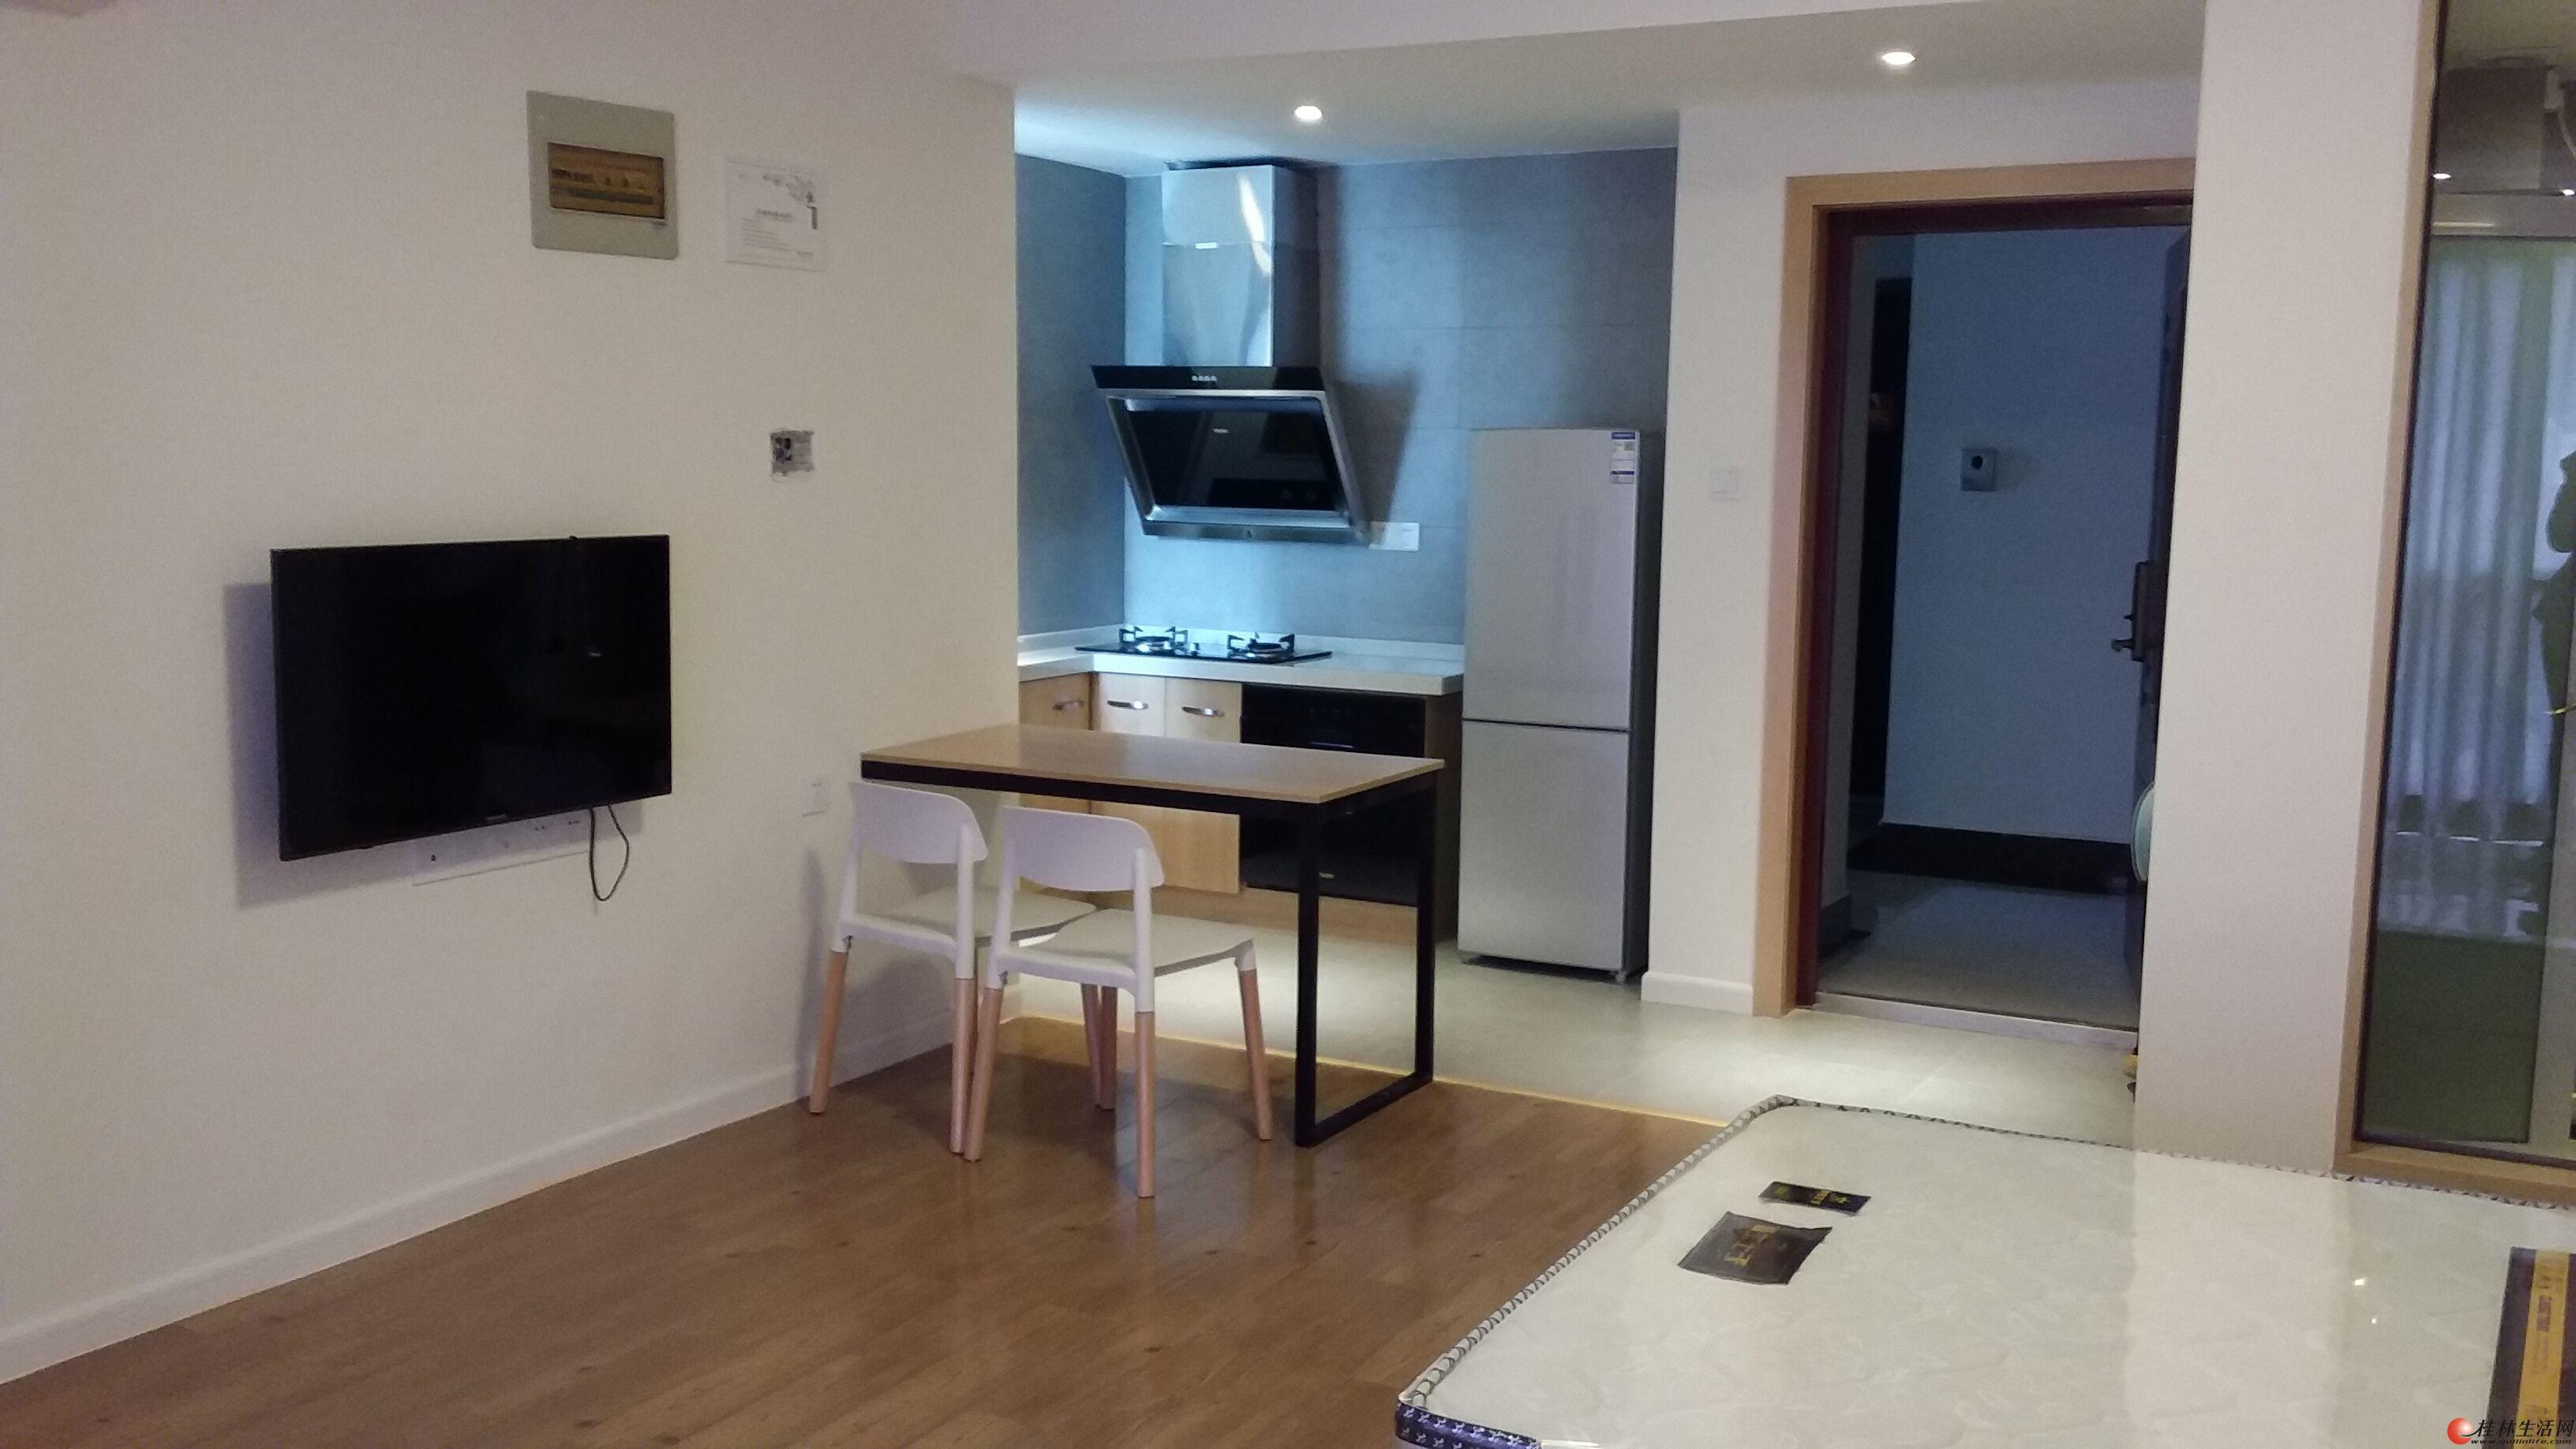 七星区冠泰城国 单间公寓 精装修 首次出租 家具家电齐全 智能化小区管理 拎包入住